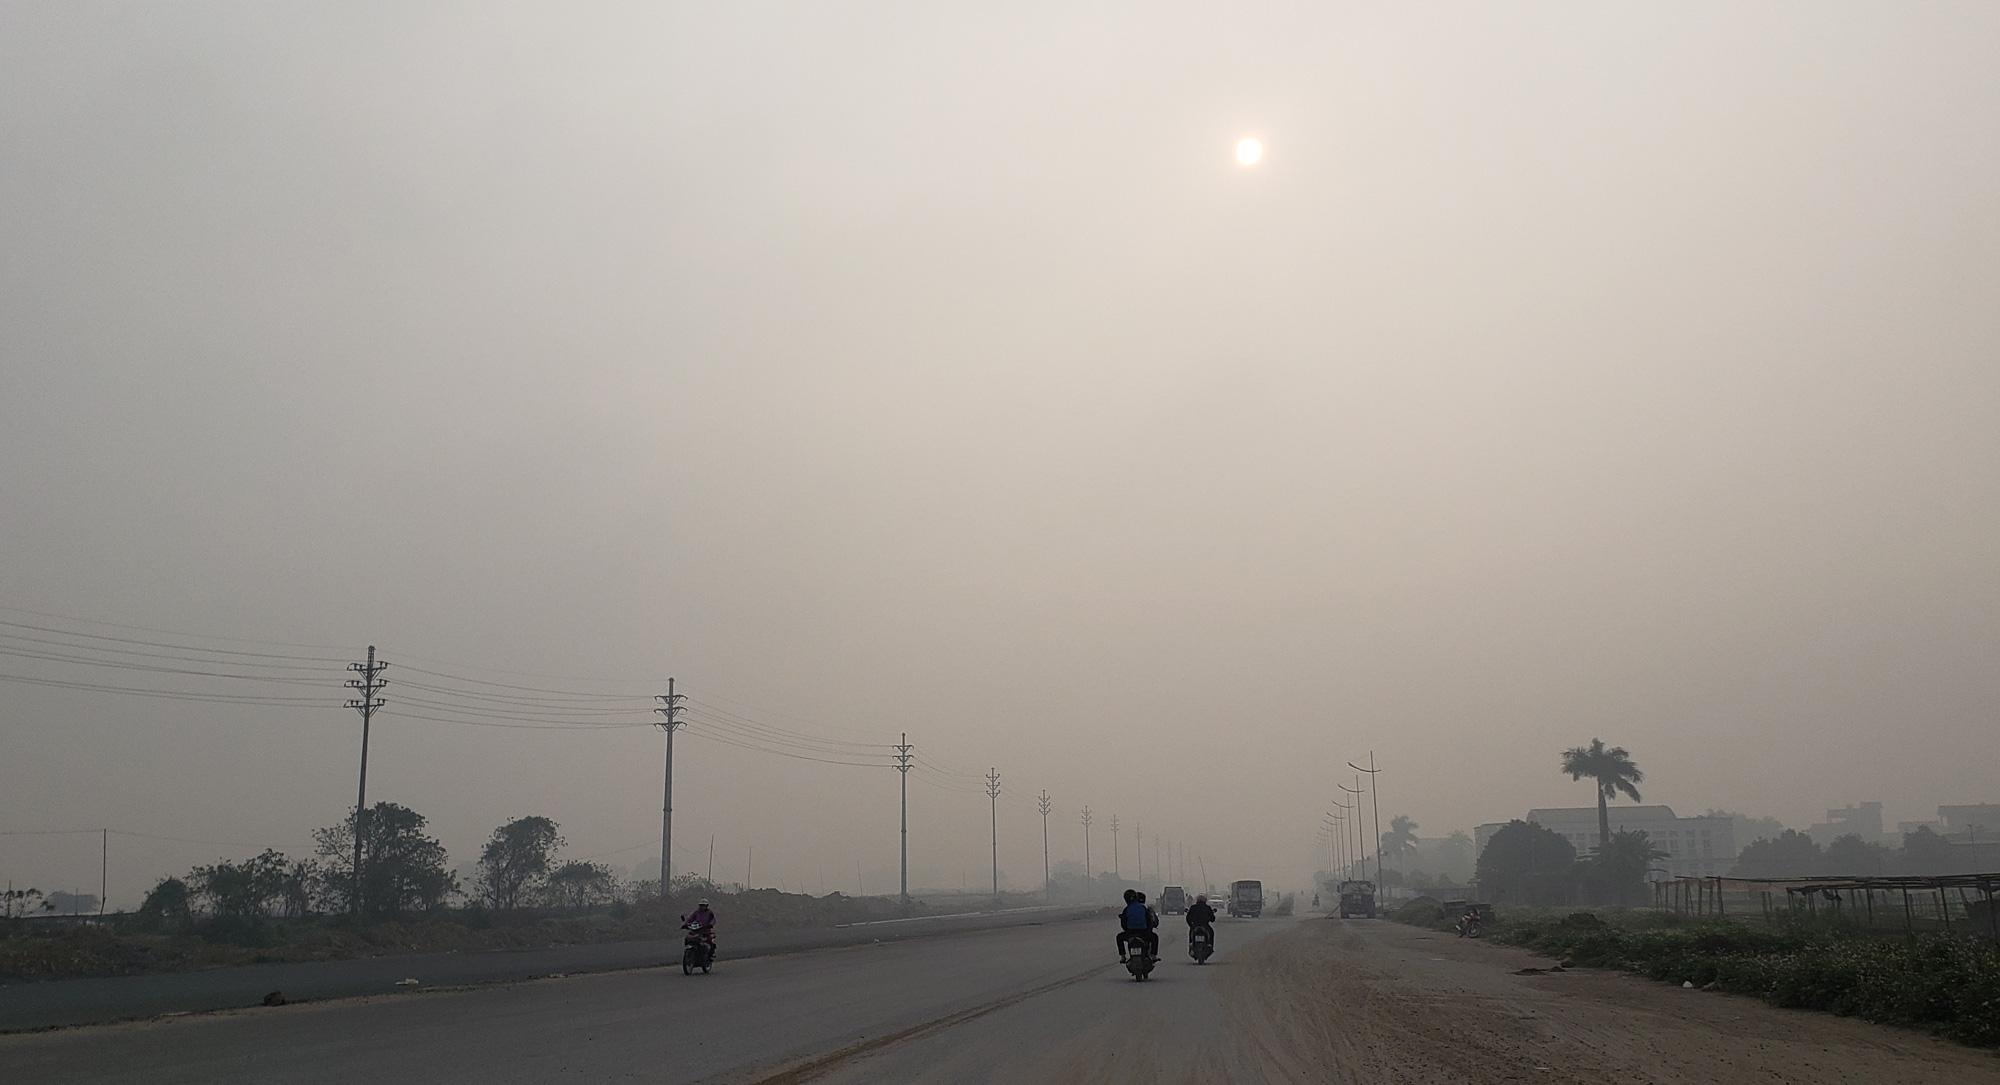 Hà Nội ô nhiễm không khí ở mức cảnh báo tím từ sáng đến chiều - Ảnh 7.